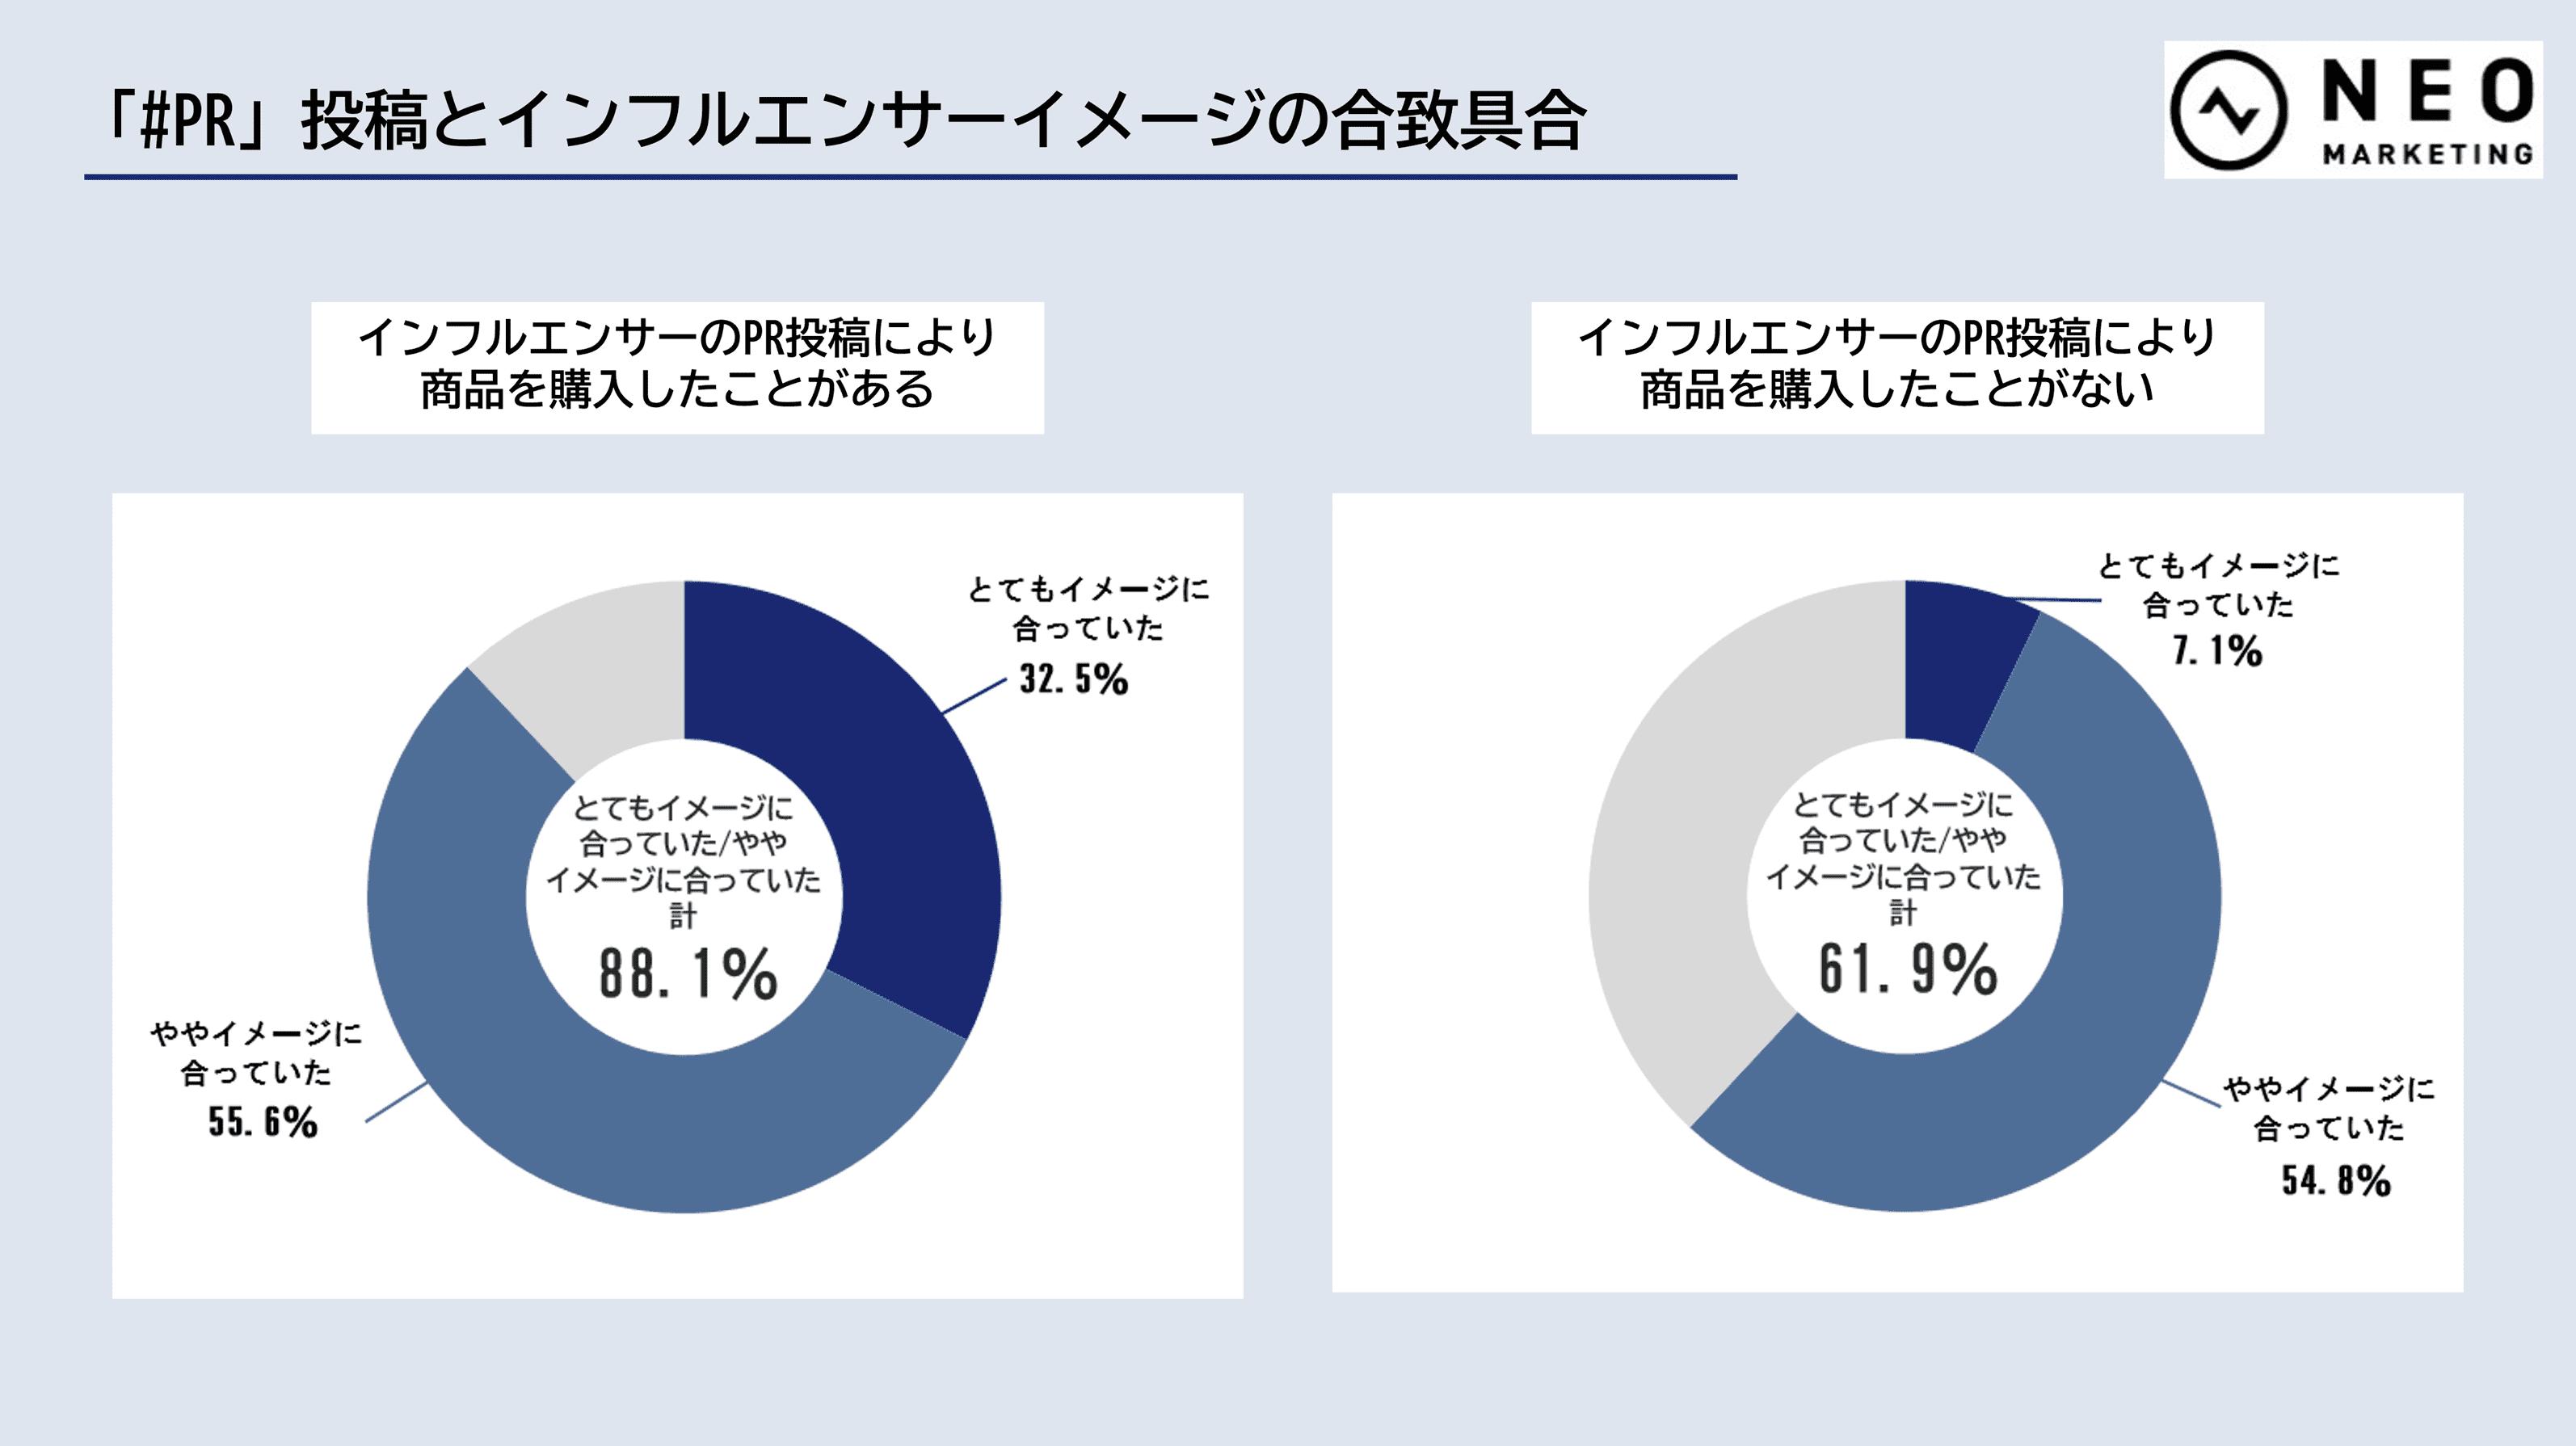 #PR投稿とインフルエンサーイメージの合致具合のグラフ(比較)